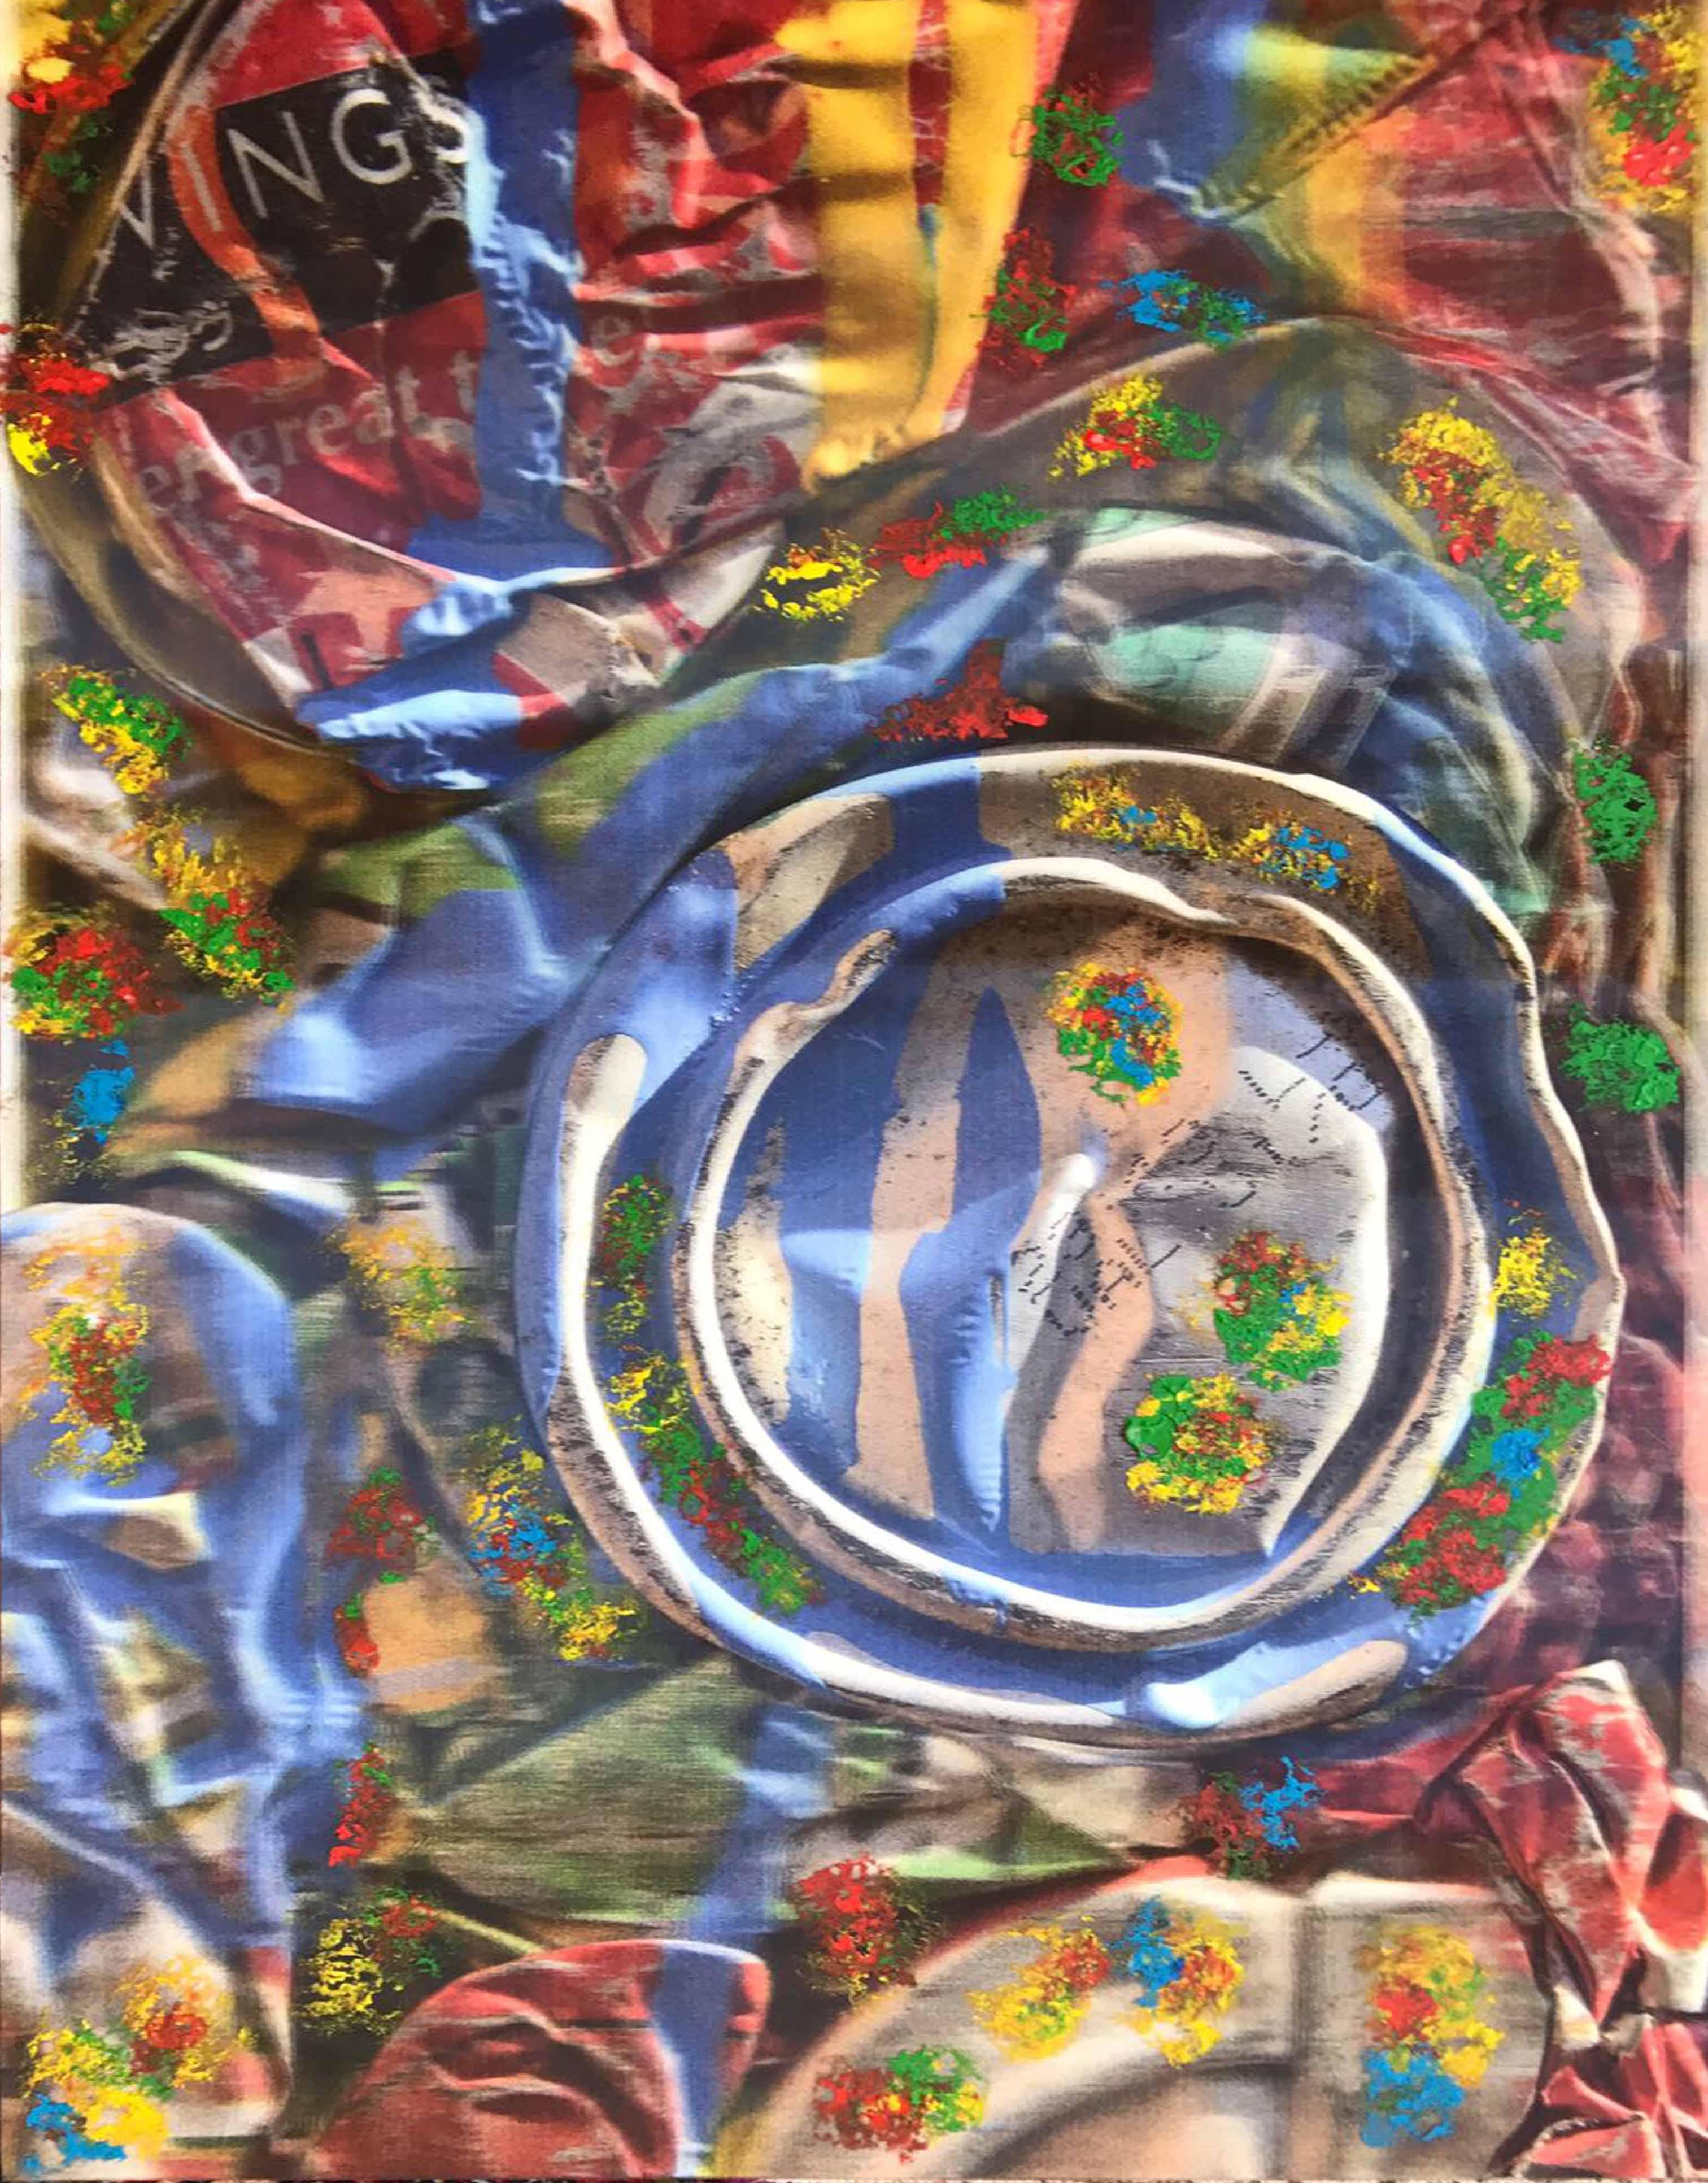 JULIO TESTONI (Nac, 1948) Foto pintura 3D sobre papel lenticular; 90 x 60 cm. Firmado abajo a la derecha con iniciales.  POR CONSULTAS DE PRECIOS, CONTACTE LA GALERIA. FOR PRICE´S ENQUIRIES, PLEASE CONTACT THE GALLERY.